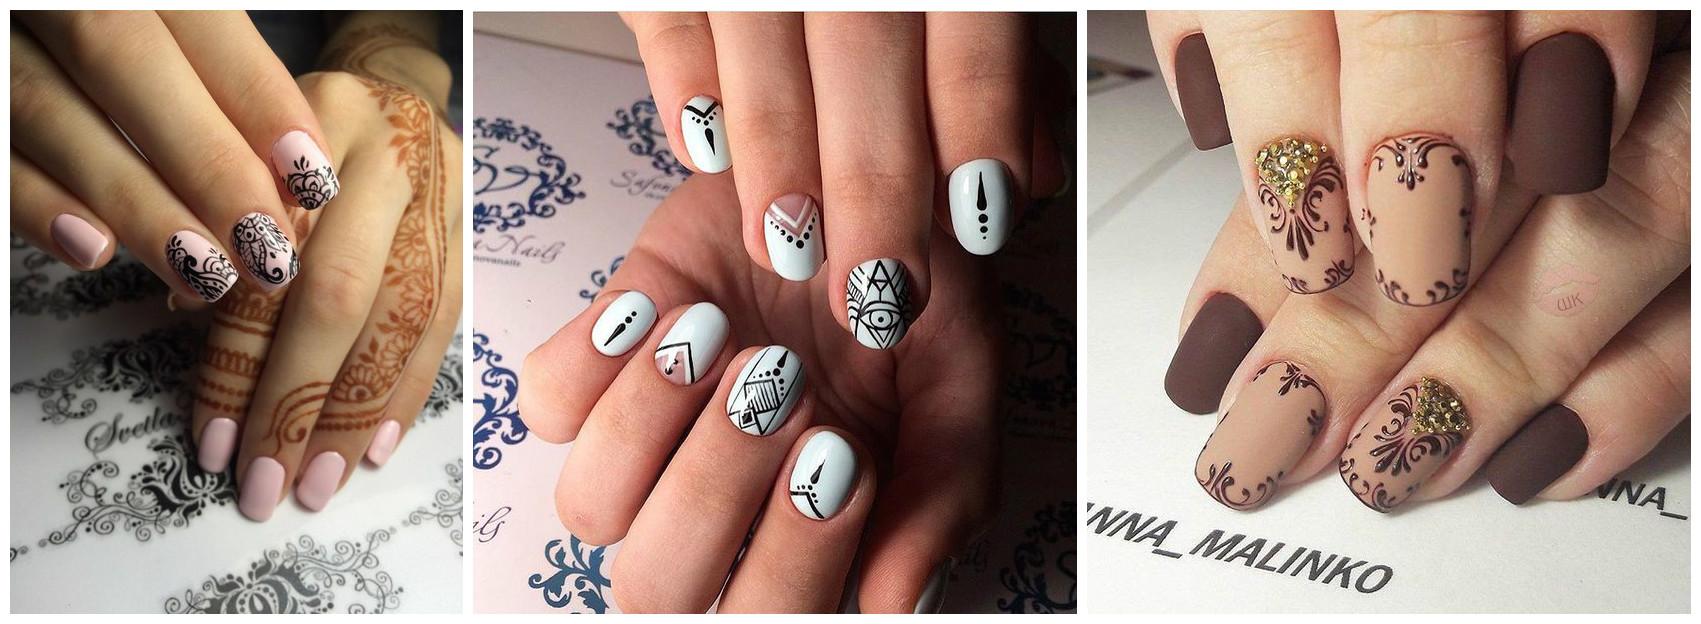 Восточные орнаменты фото на ногтях